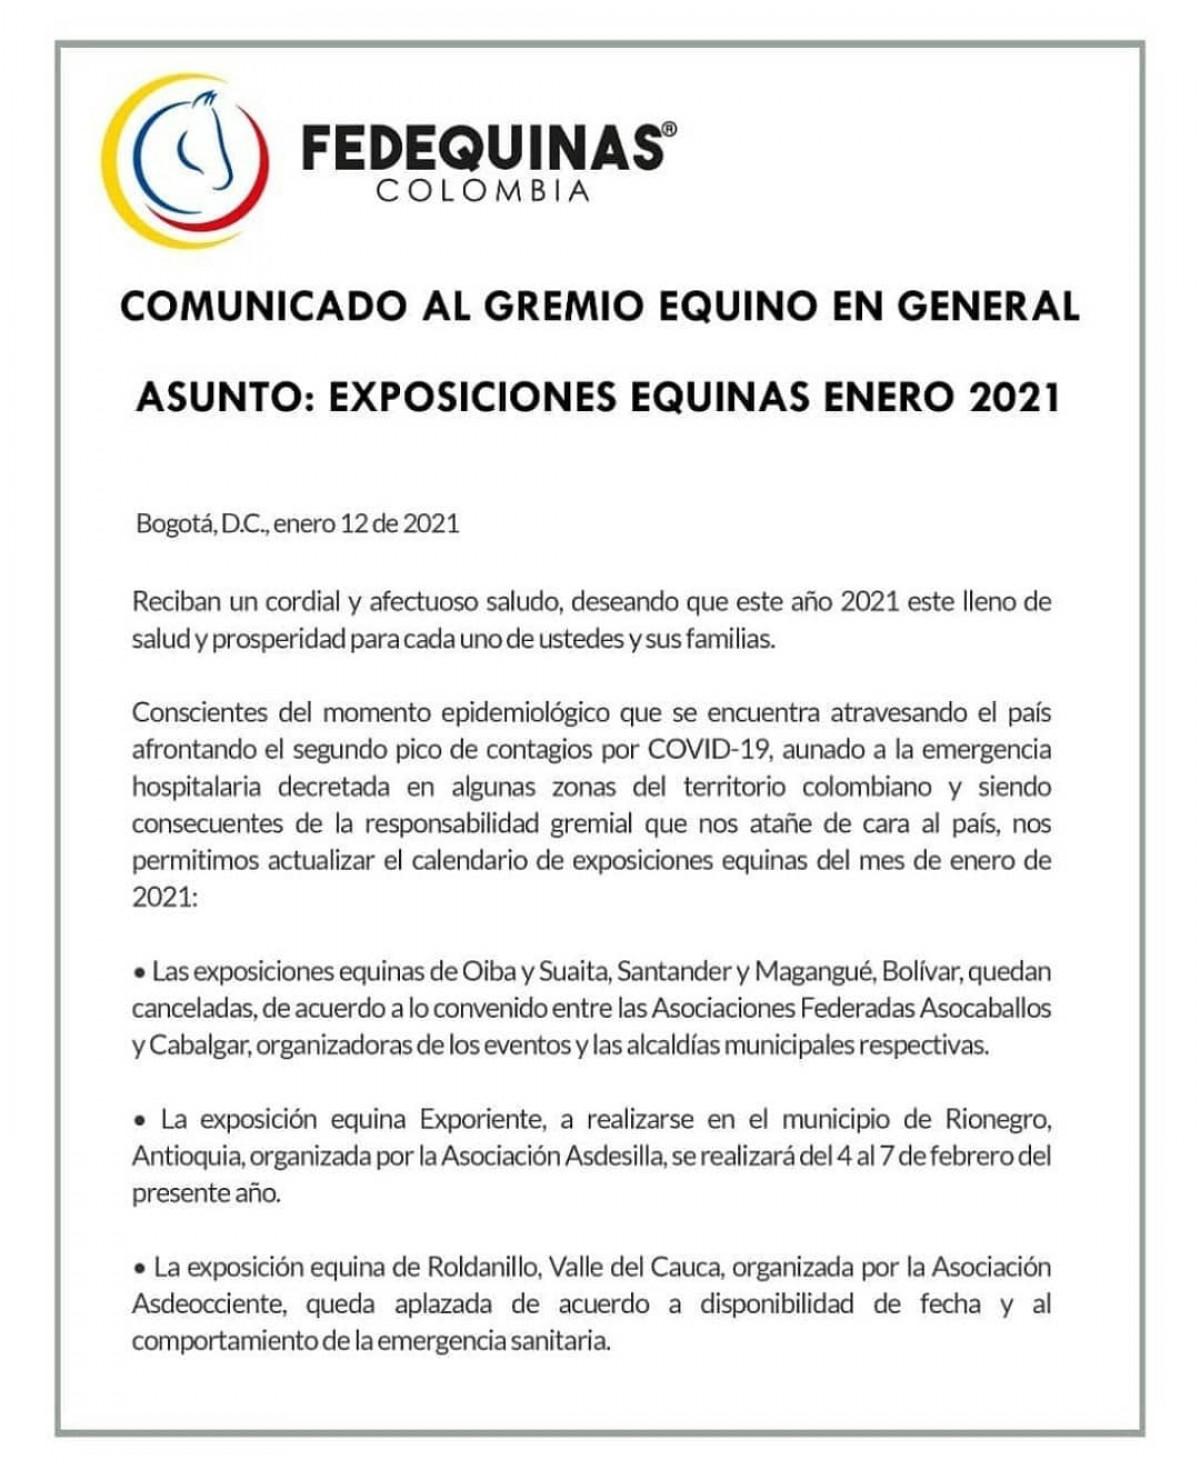 Comunicado@fedequinas.oficial